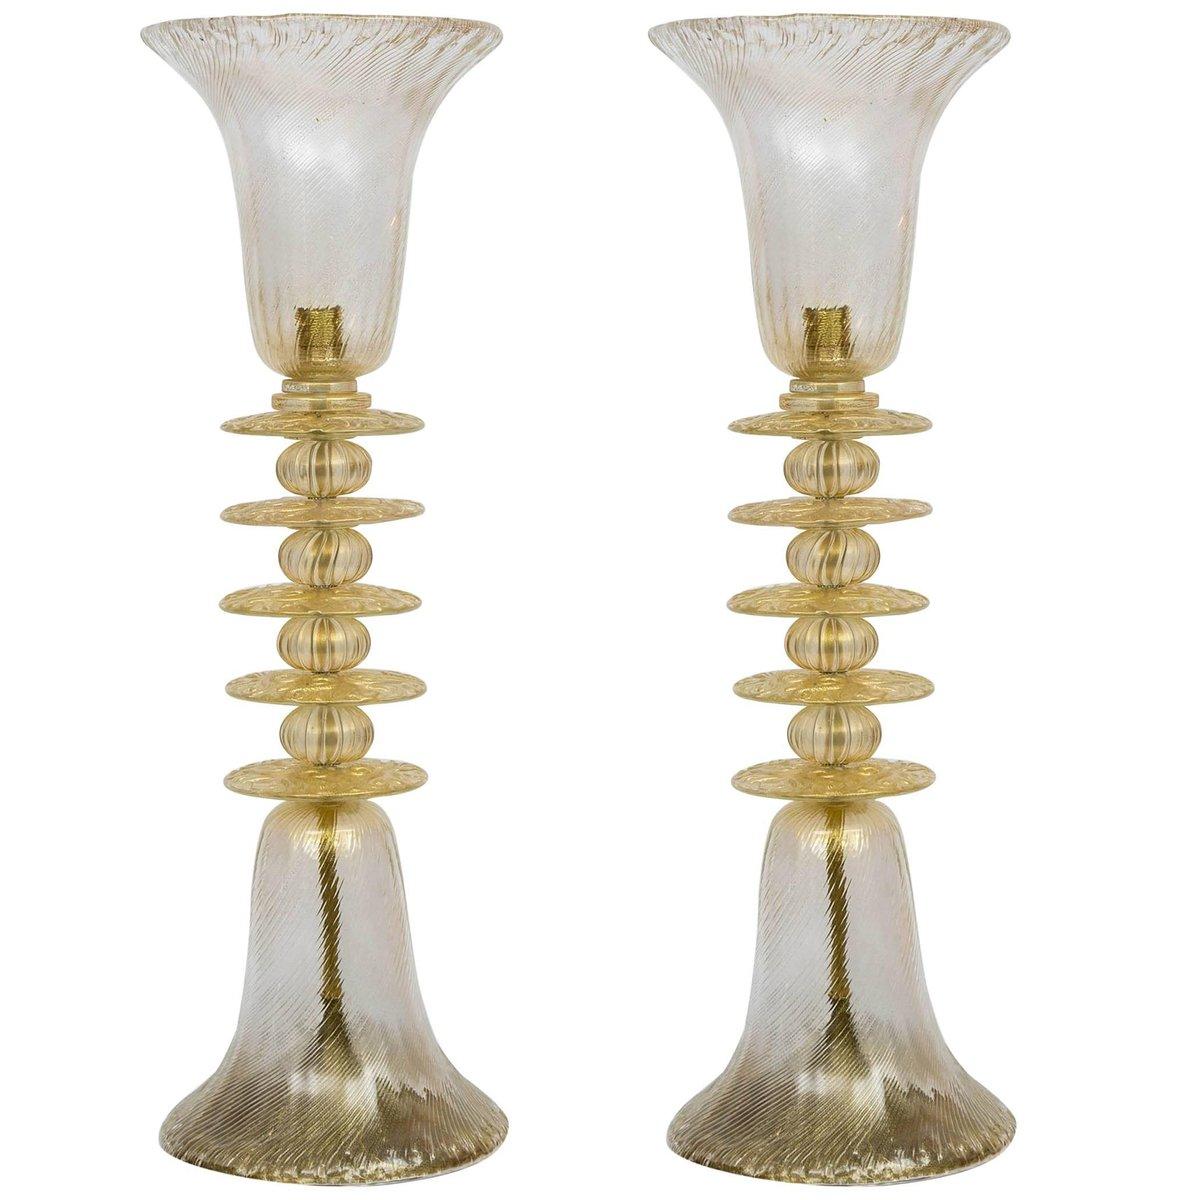 Hohe Vintage Murano Glas Tischlampen, 2er Set